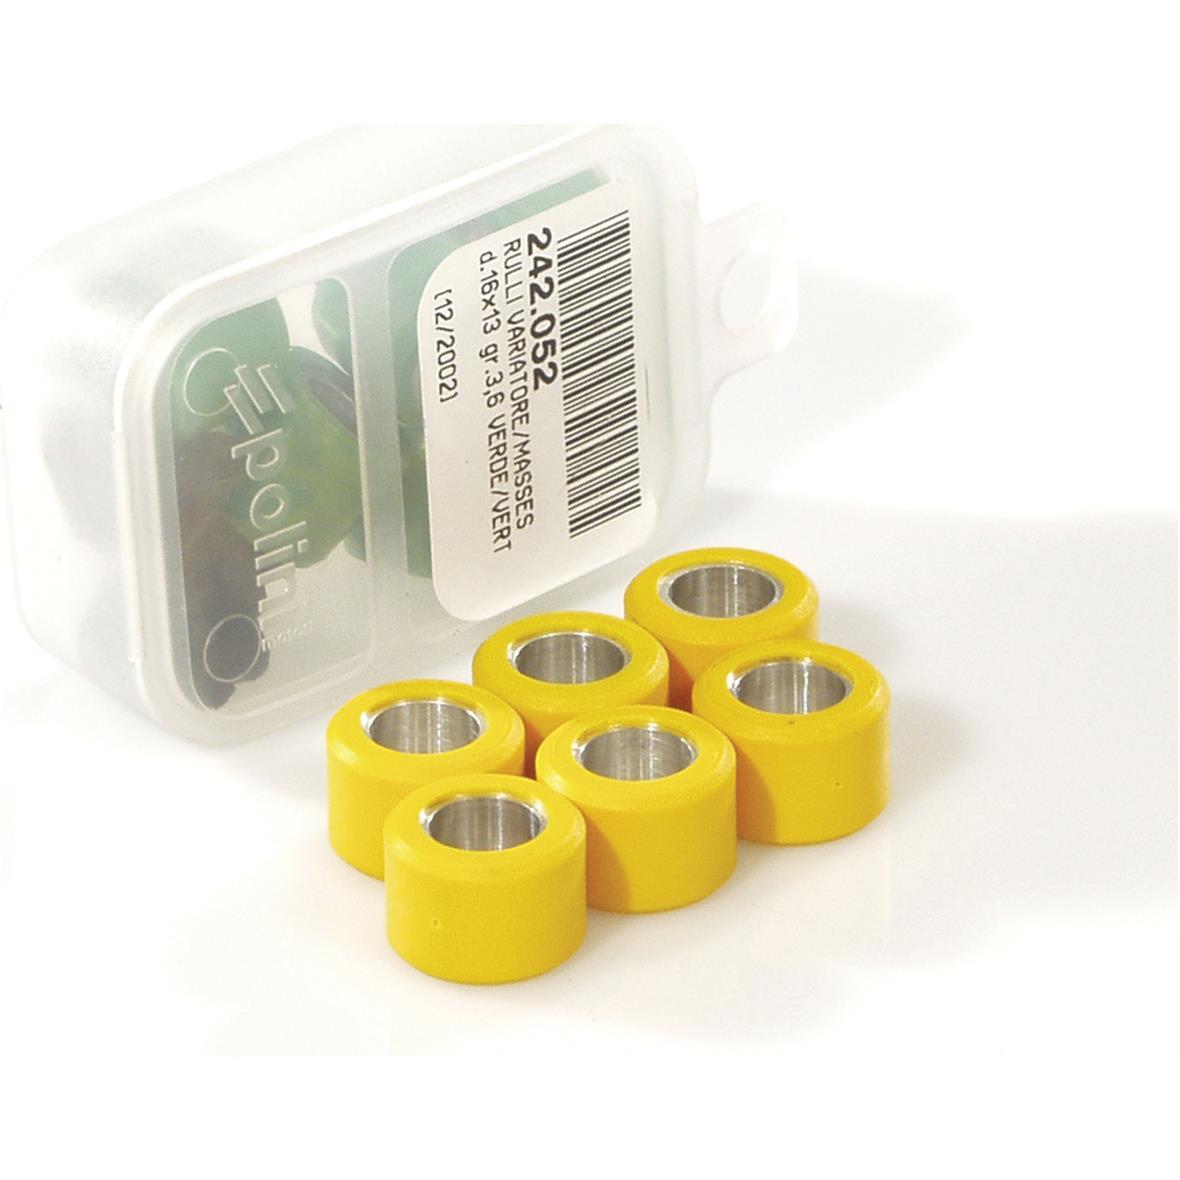 Produktbild für 'Variatorrollen POLINI 23x18 mm 12.4g'